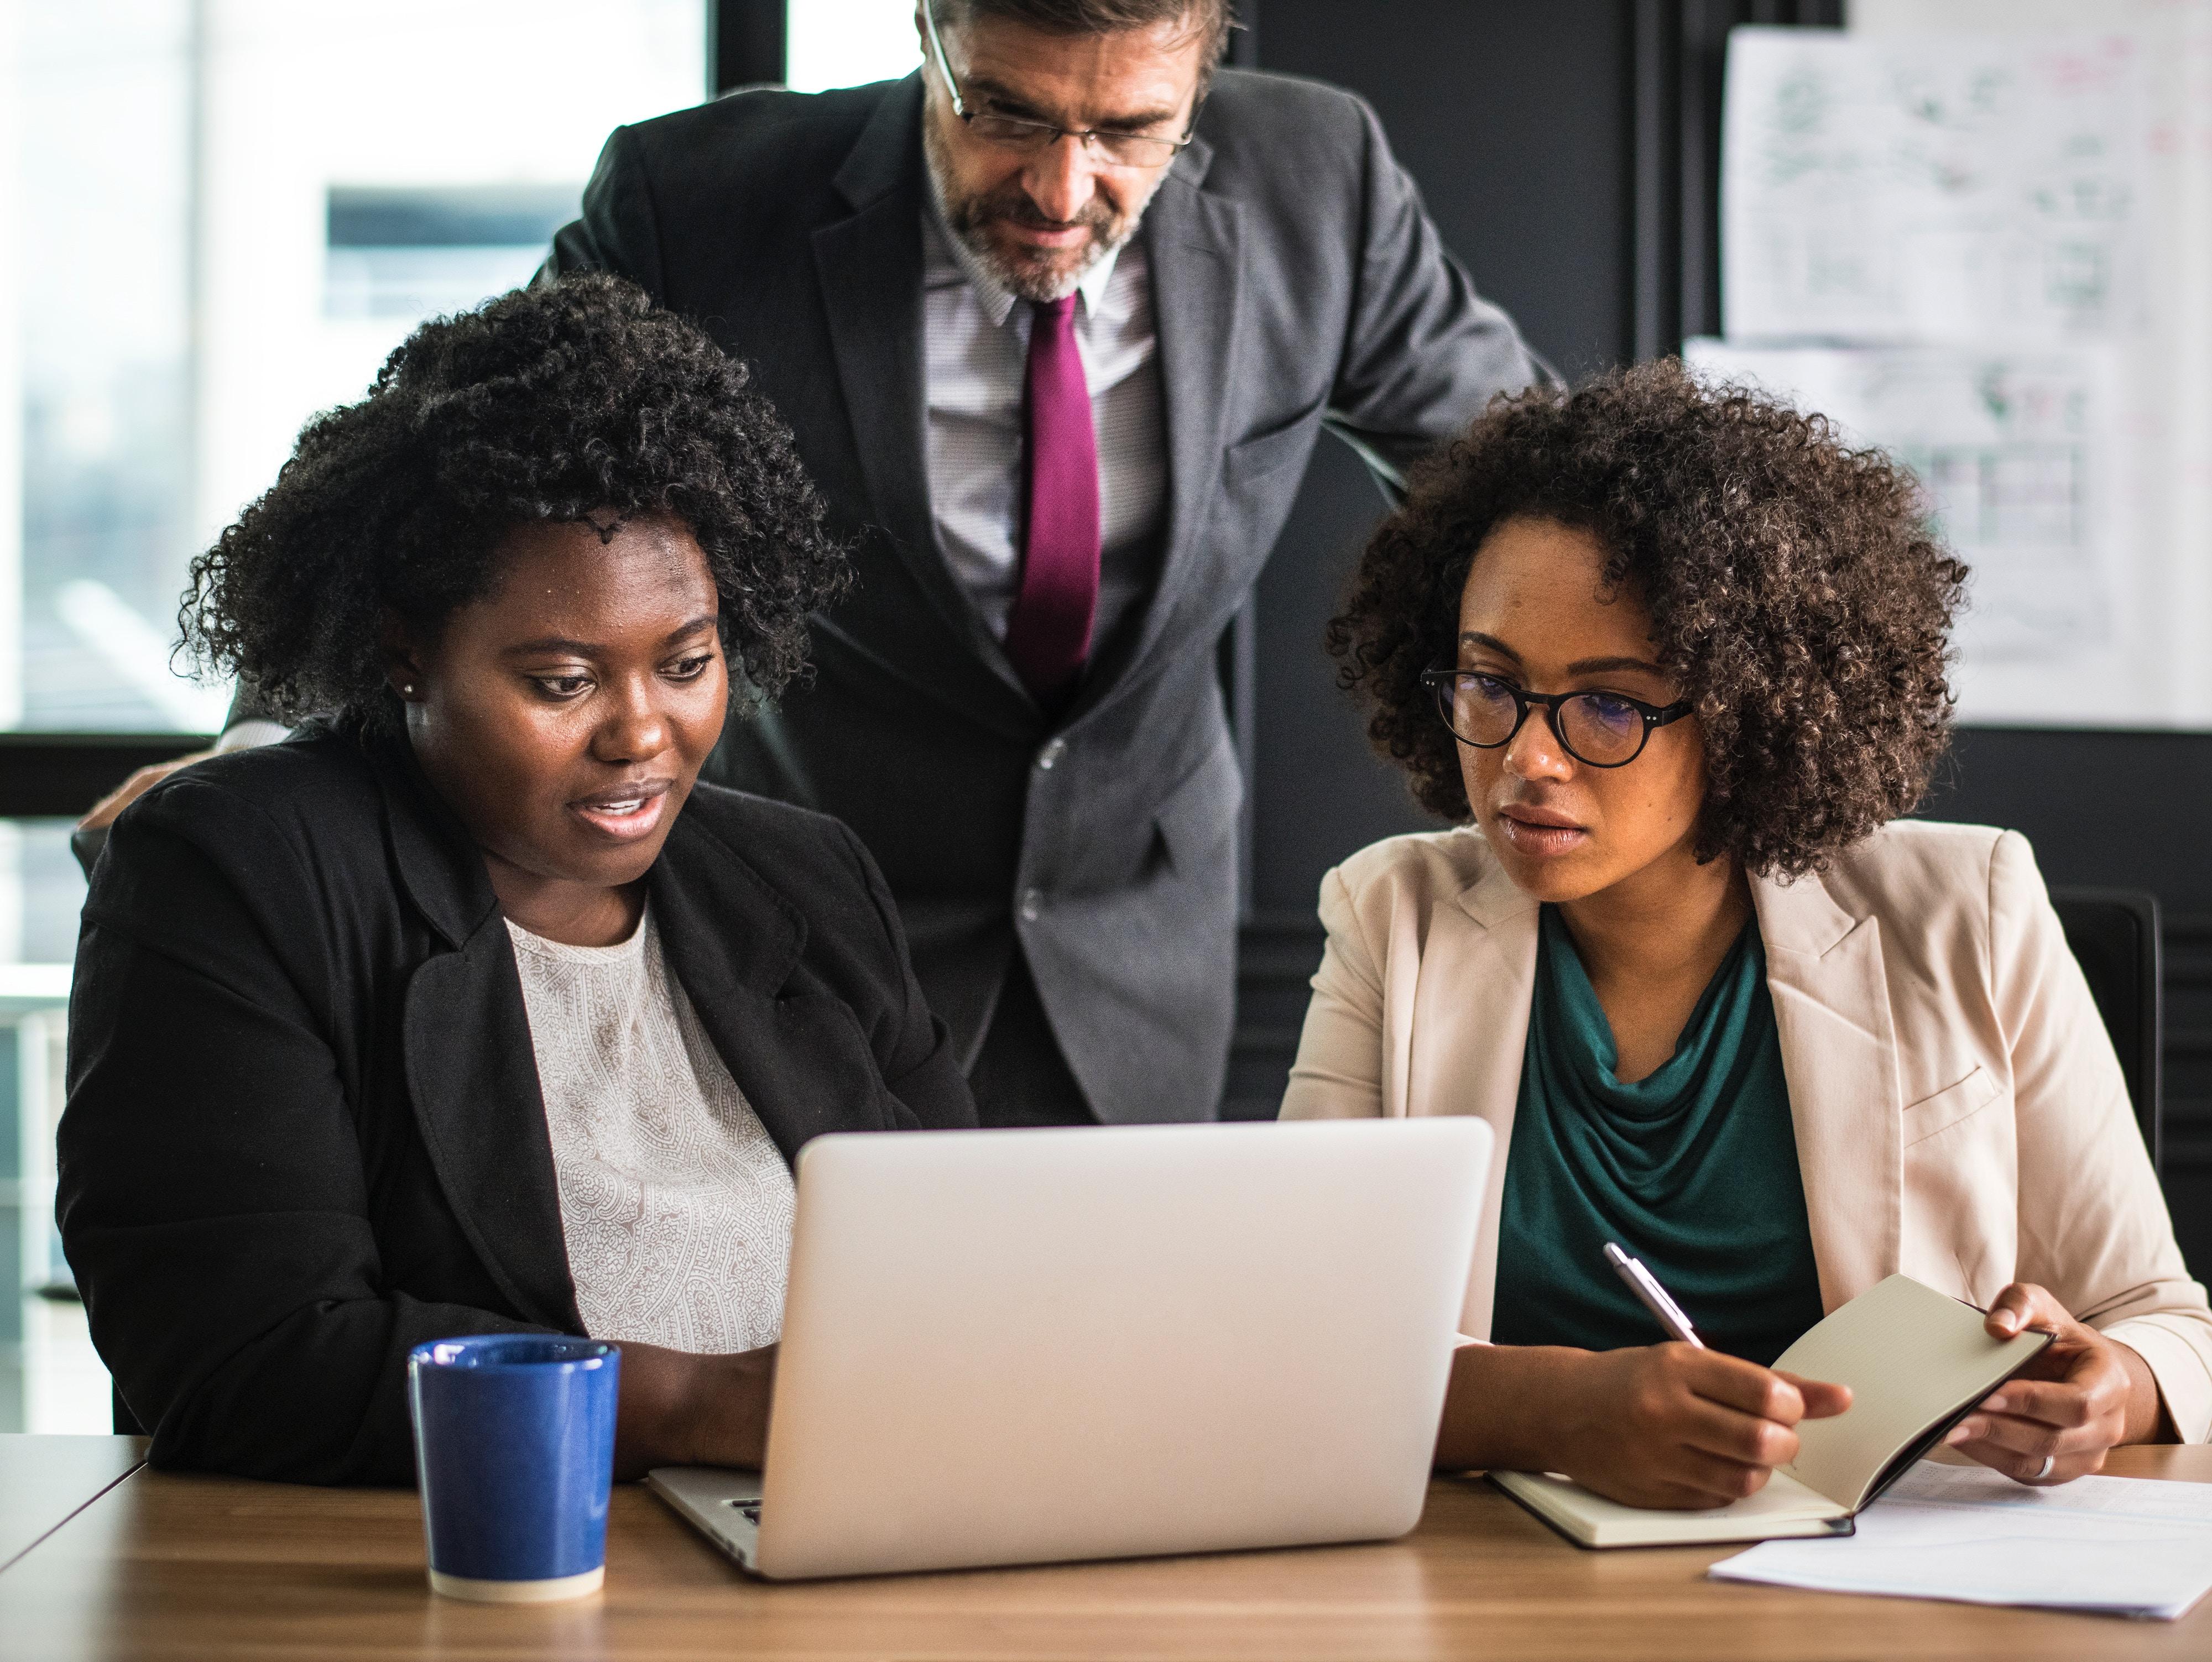 Contratti di Apprendistato: quali vantaggi per le aziende?